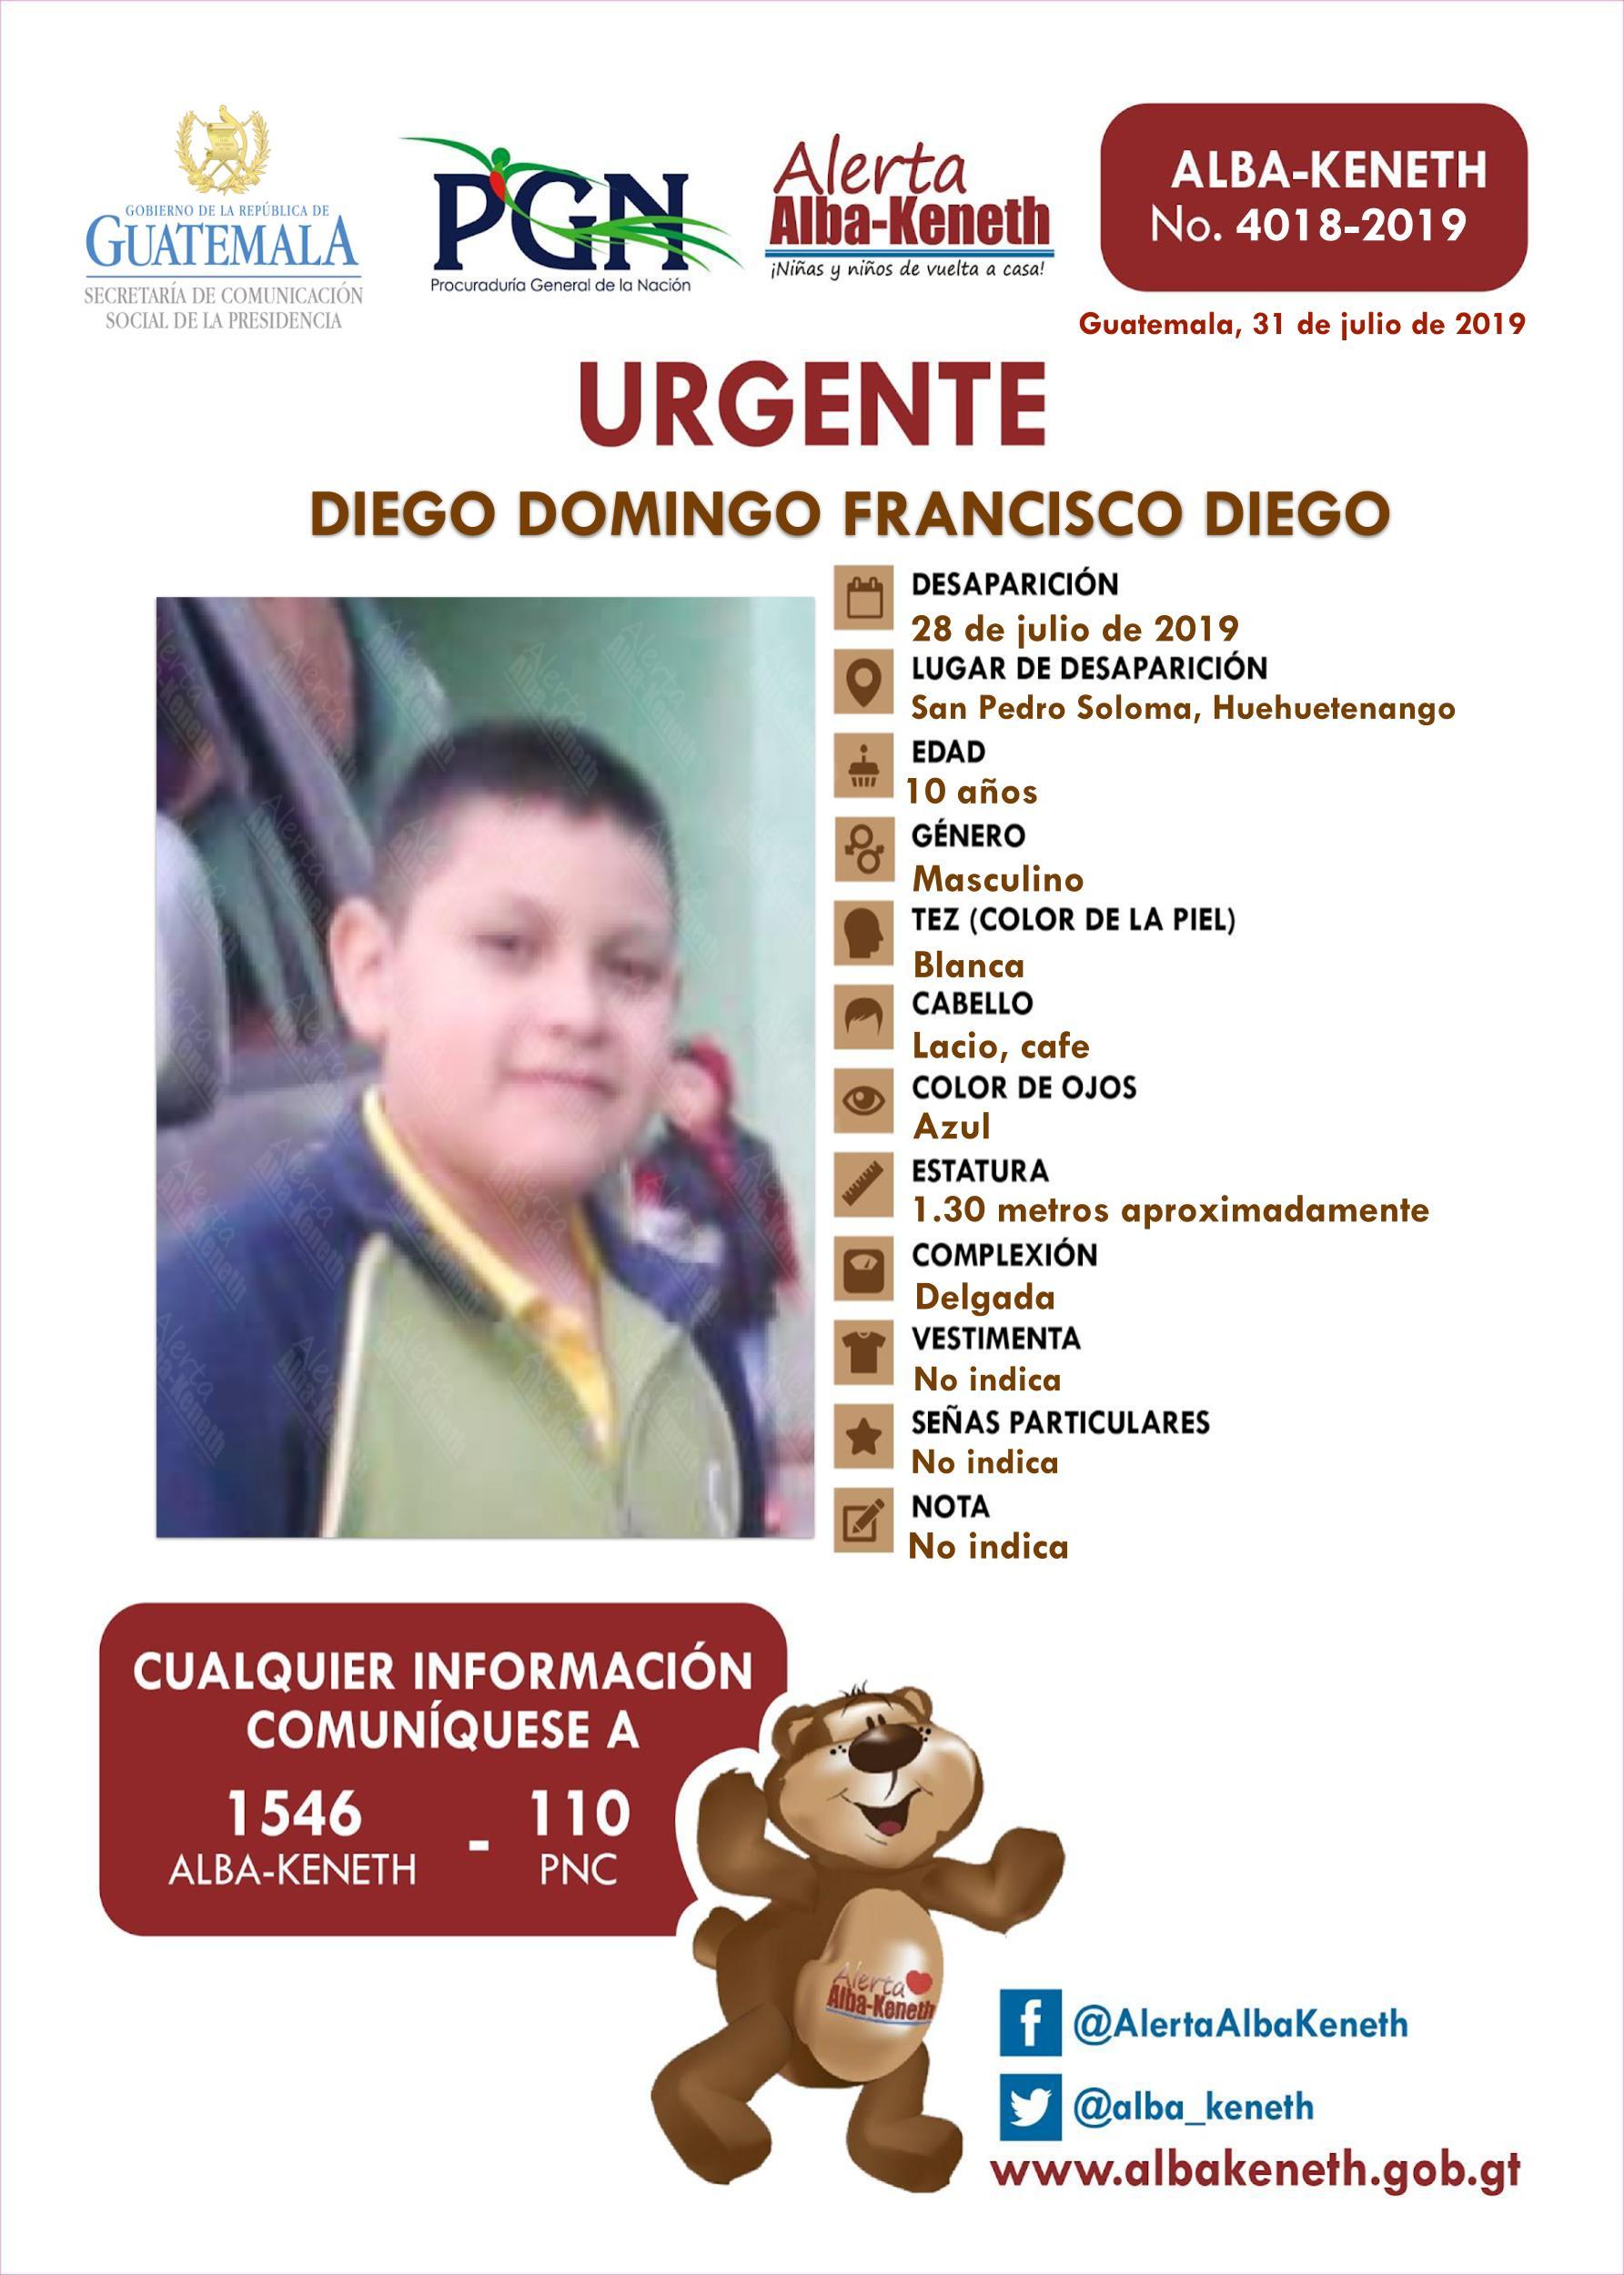 Diego Domingo Francisco Diego